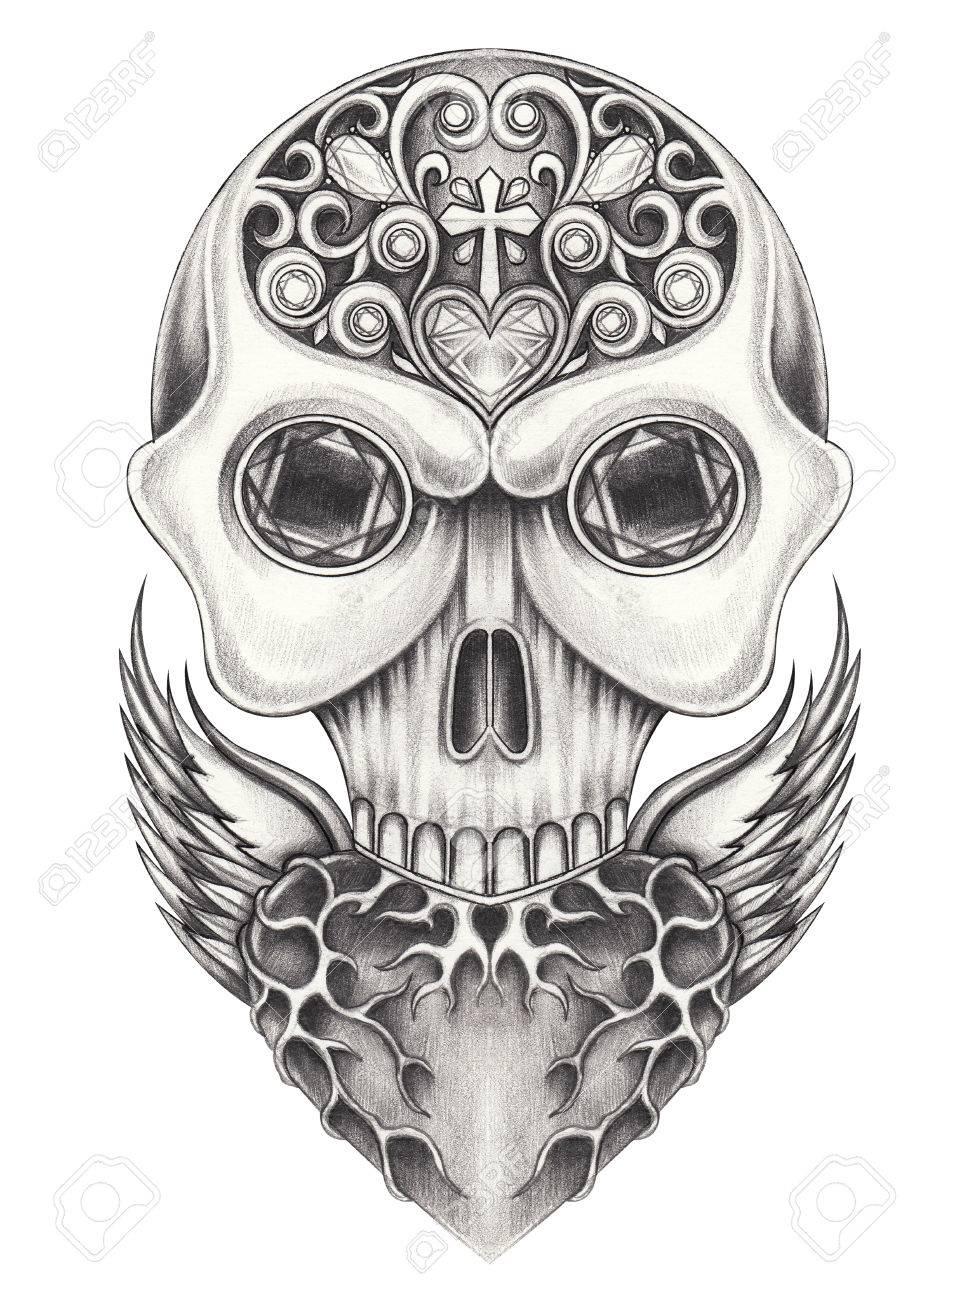 Kunst Flügel Herz Mischung Schädel.Hand Bleistift Zeichnung Auf ...